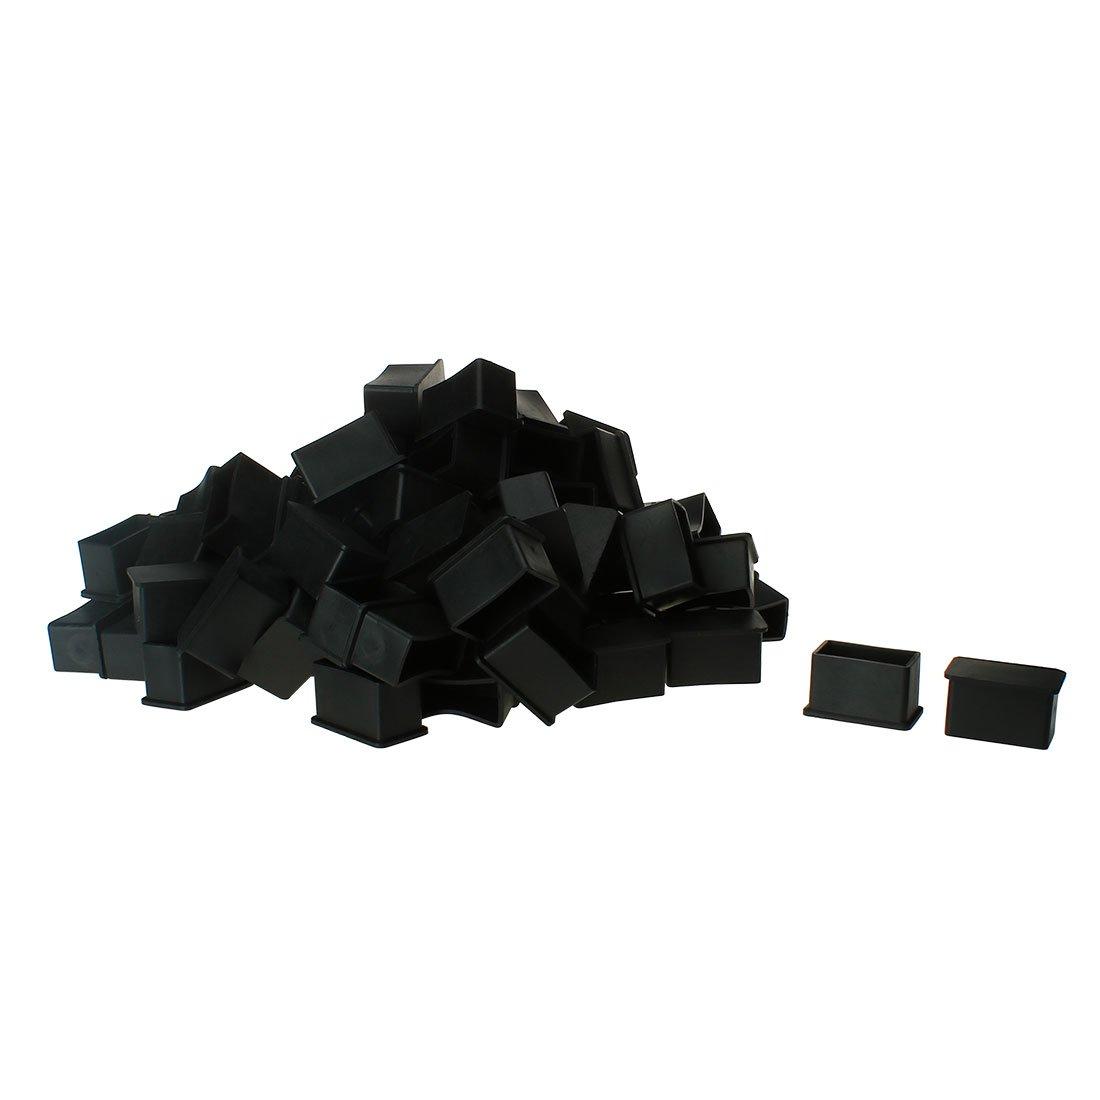 OKSLO Pvc leg caps tips feet covers 20x40mm inner size 100pcs antislip prevent scratch